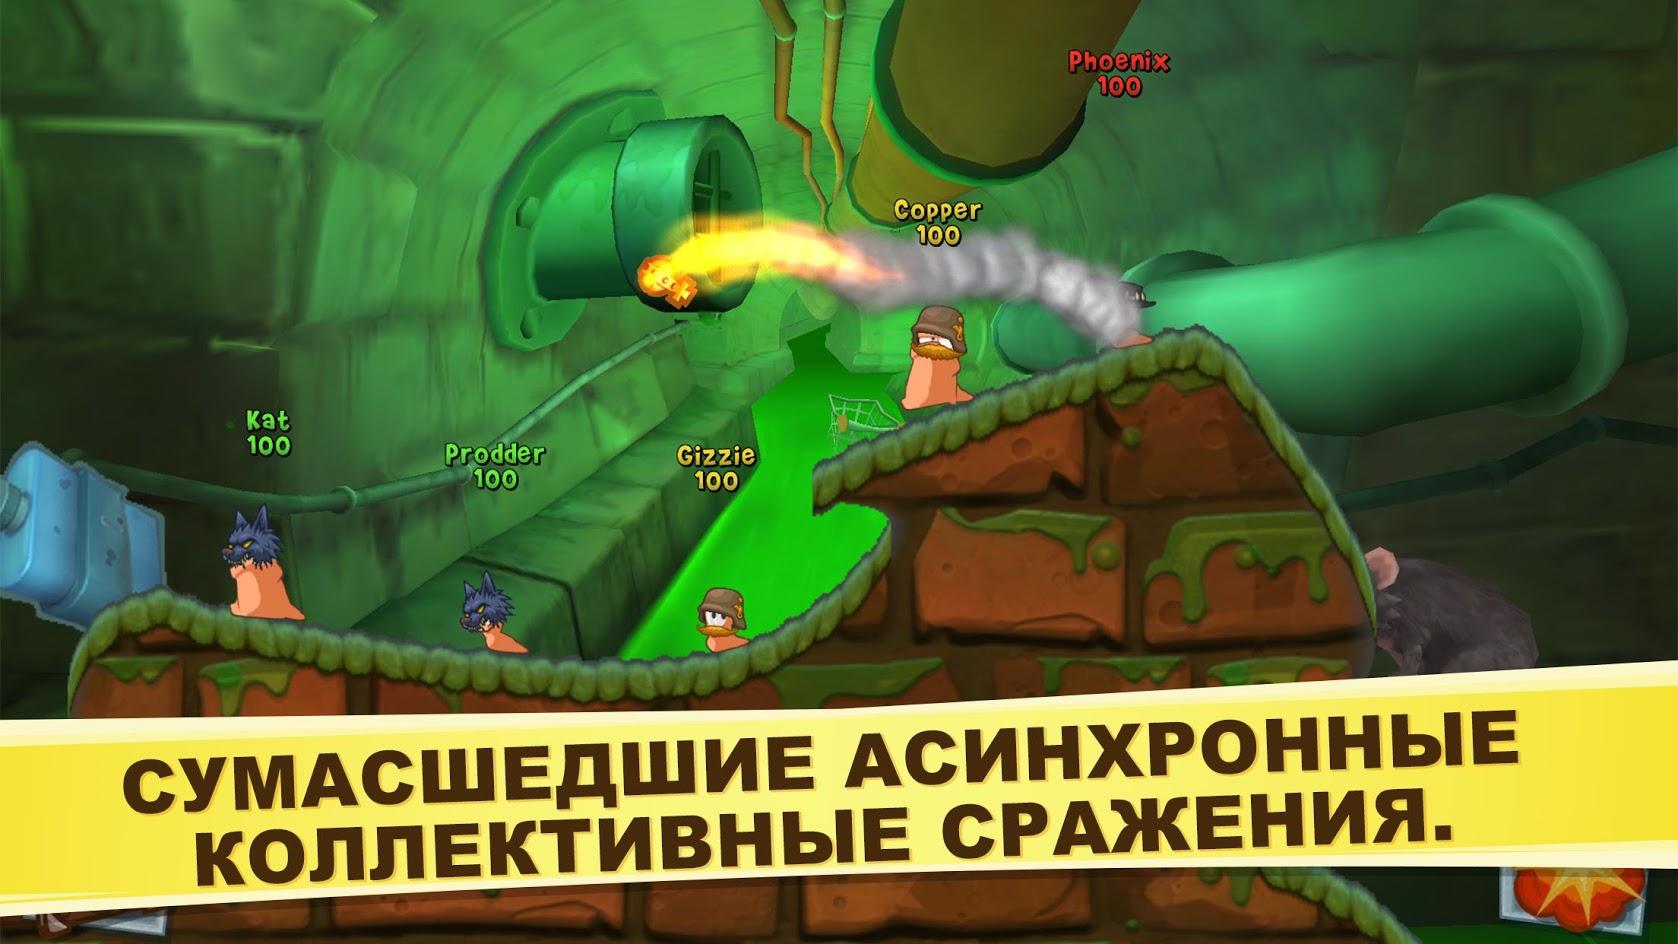 Иллюстрация на тему Worms 3: скачать на Андроид полную версию игры на русском языке